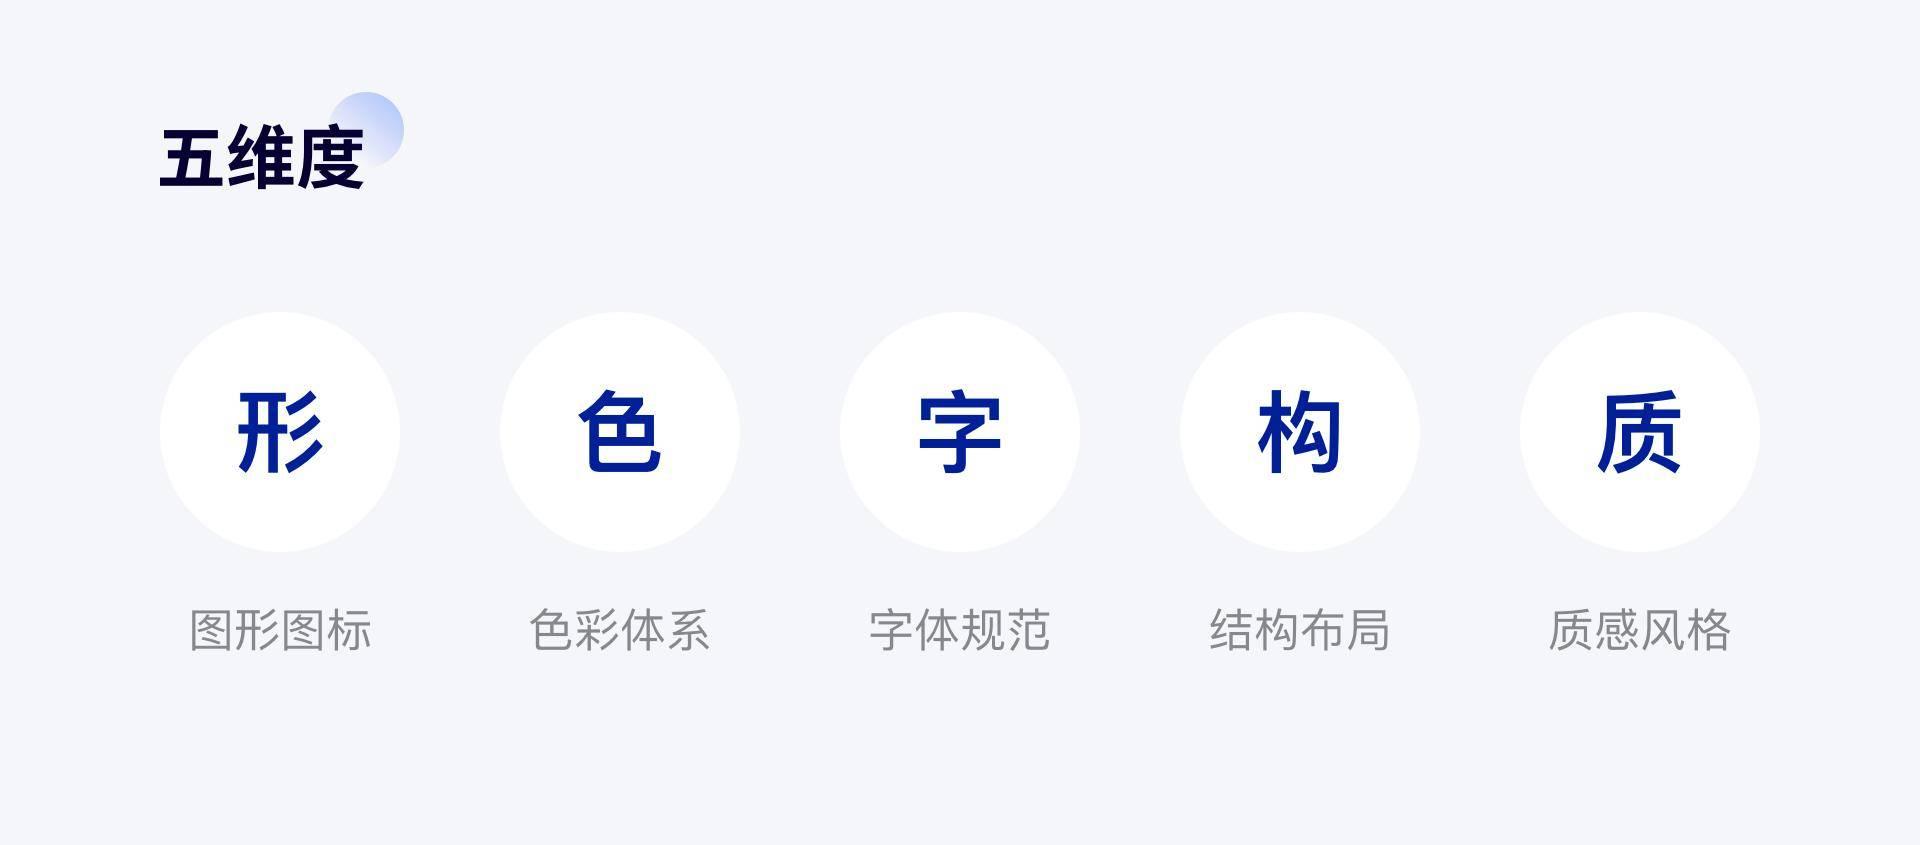 APP设计5字诀:形、色、字、构、质